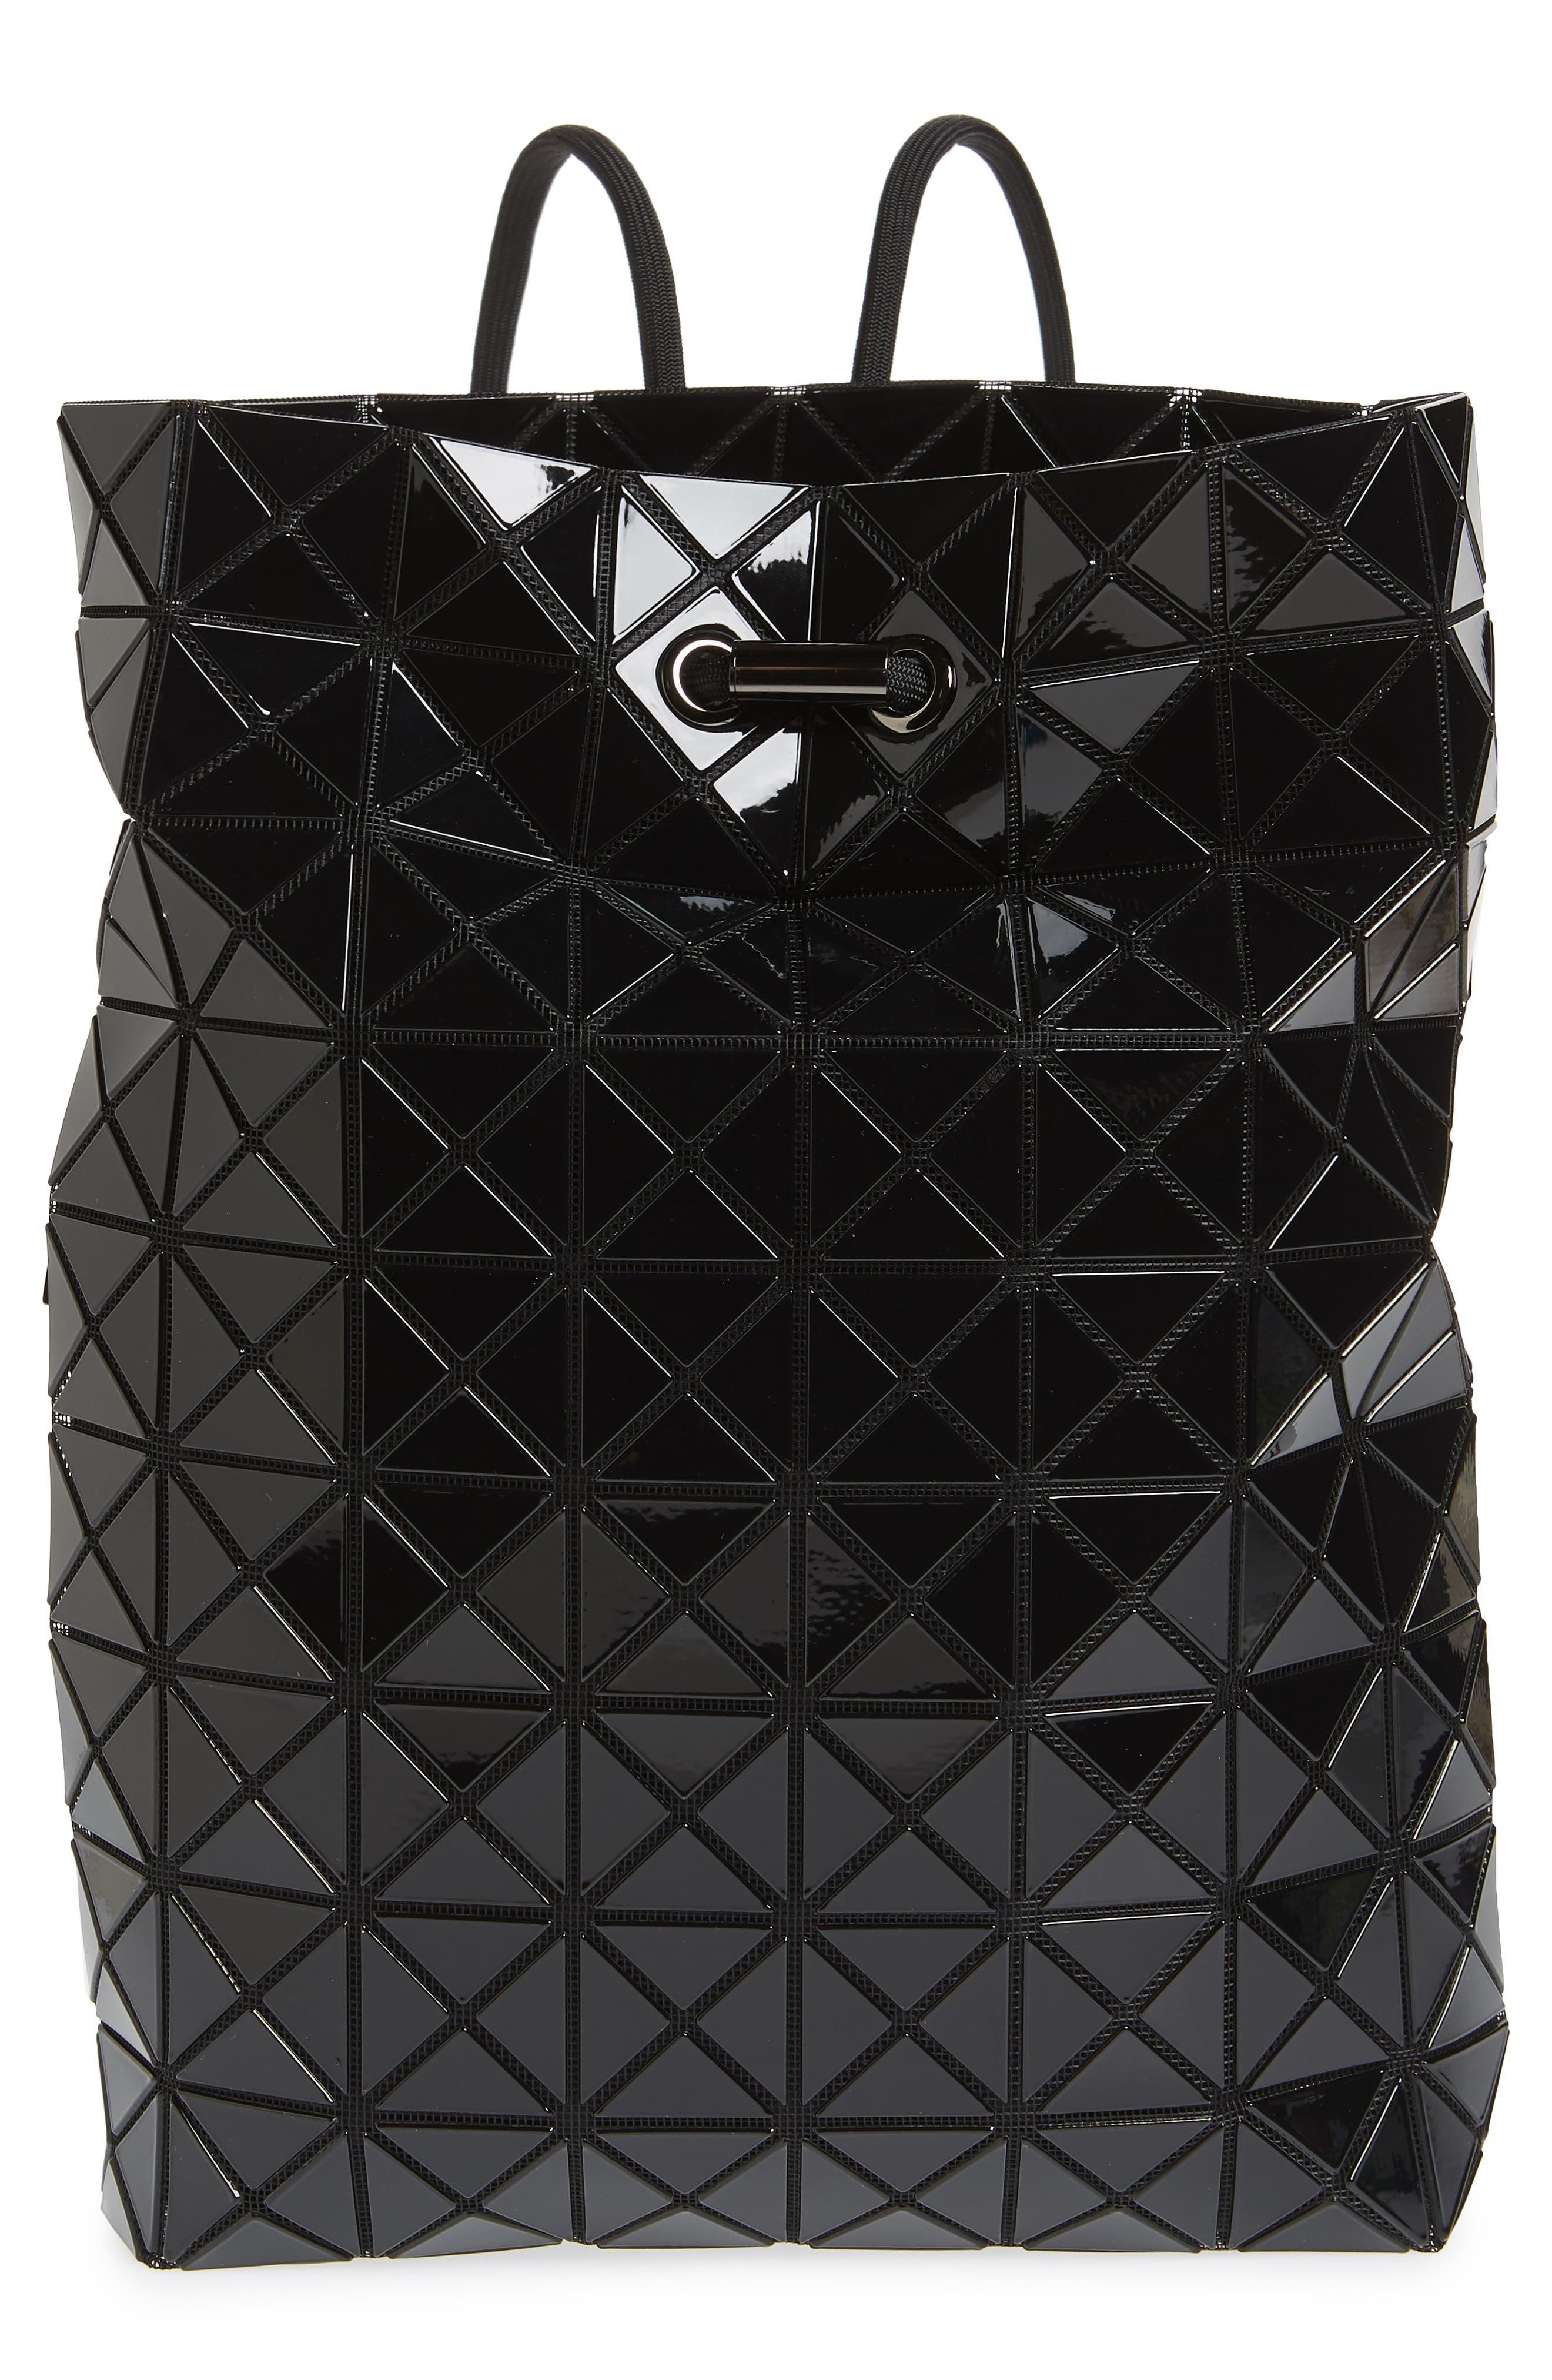 BAO BAO ISSEY MIYAKE, Wring Flat Backpack, Main thumbnail 1, color, BLACK